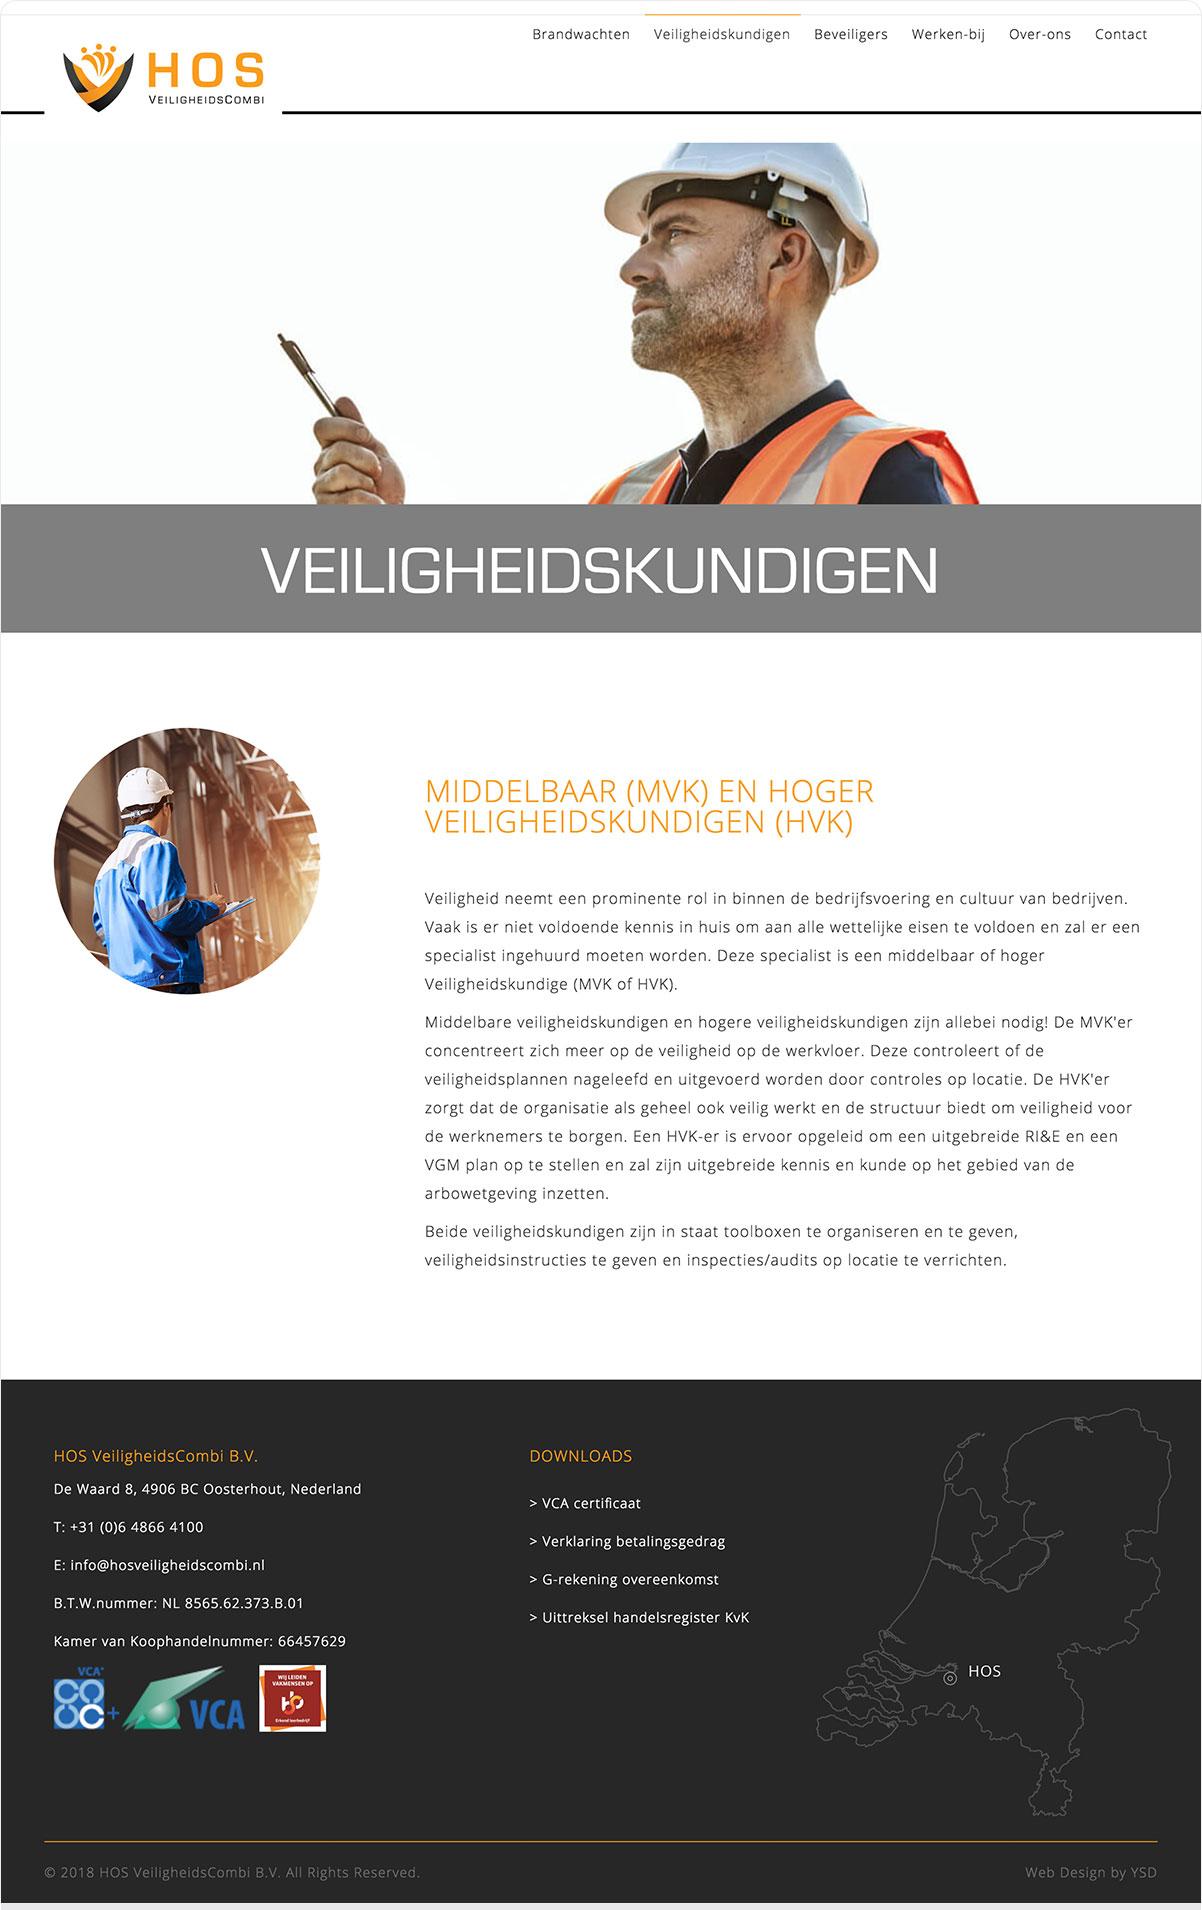 HOS VEILIGHEIDSCOMBI - Website